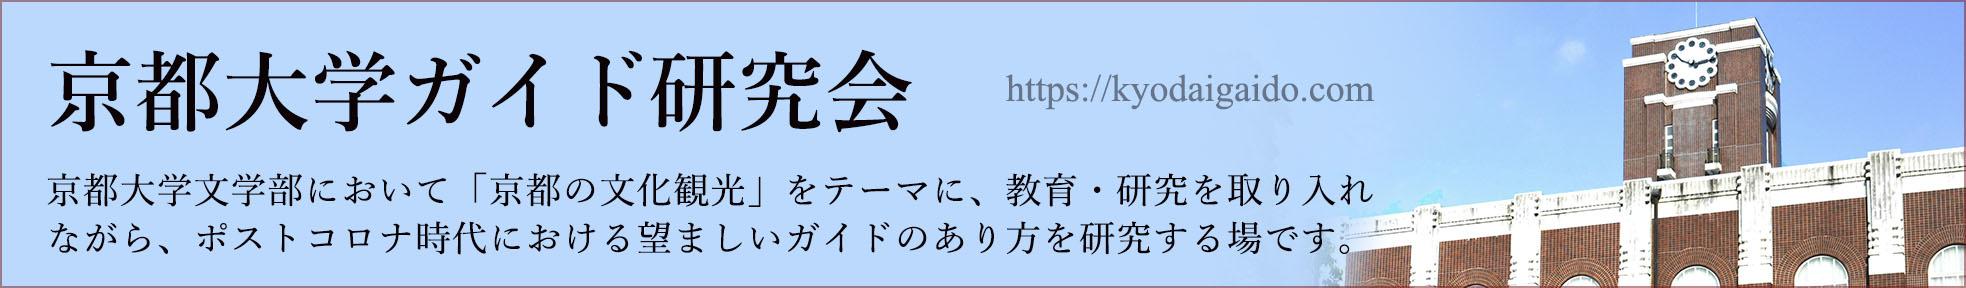 京都大学ガイド研究所